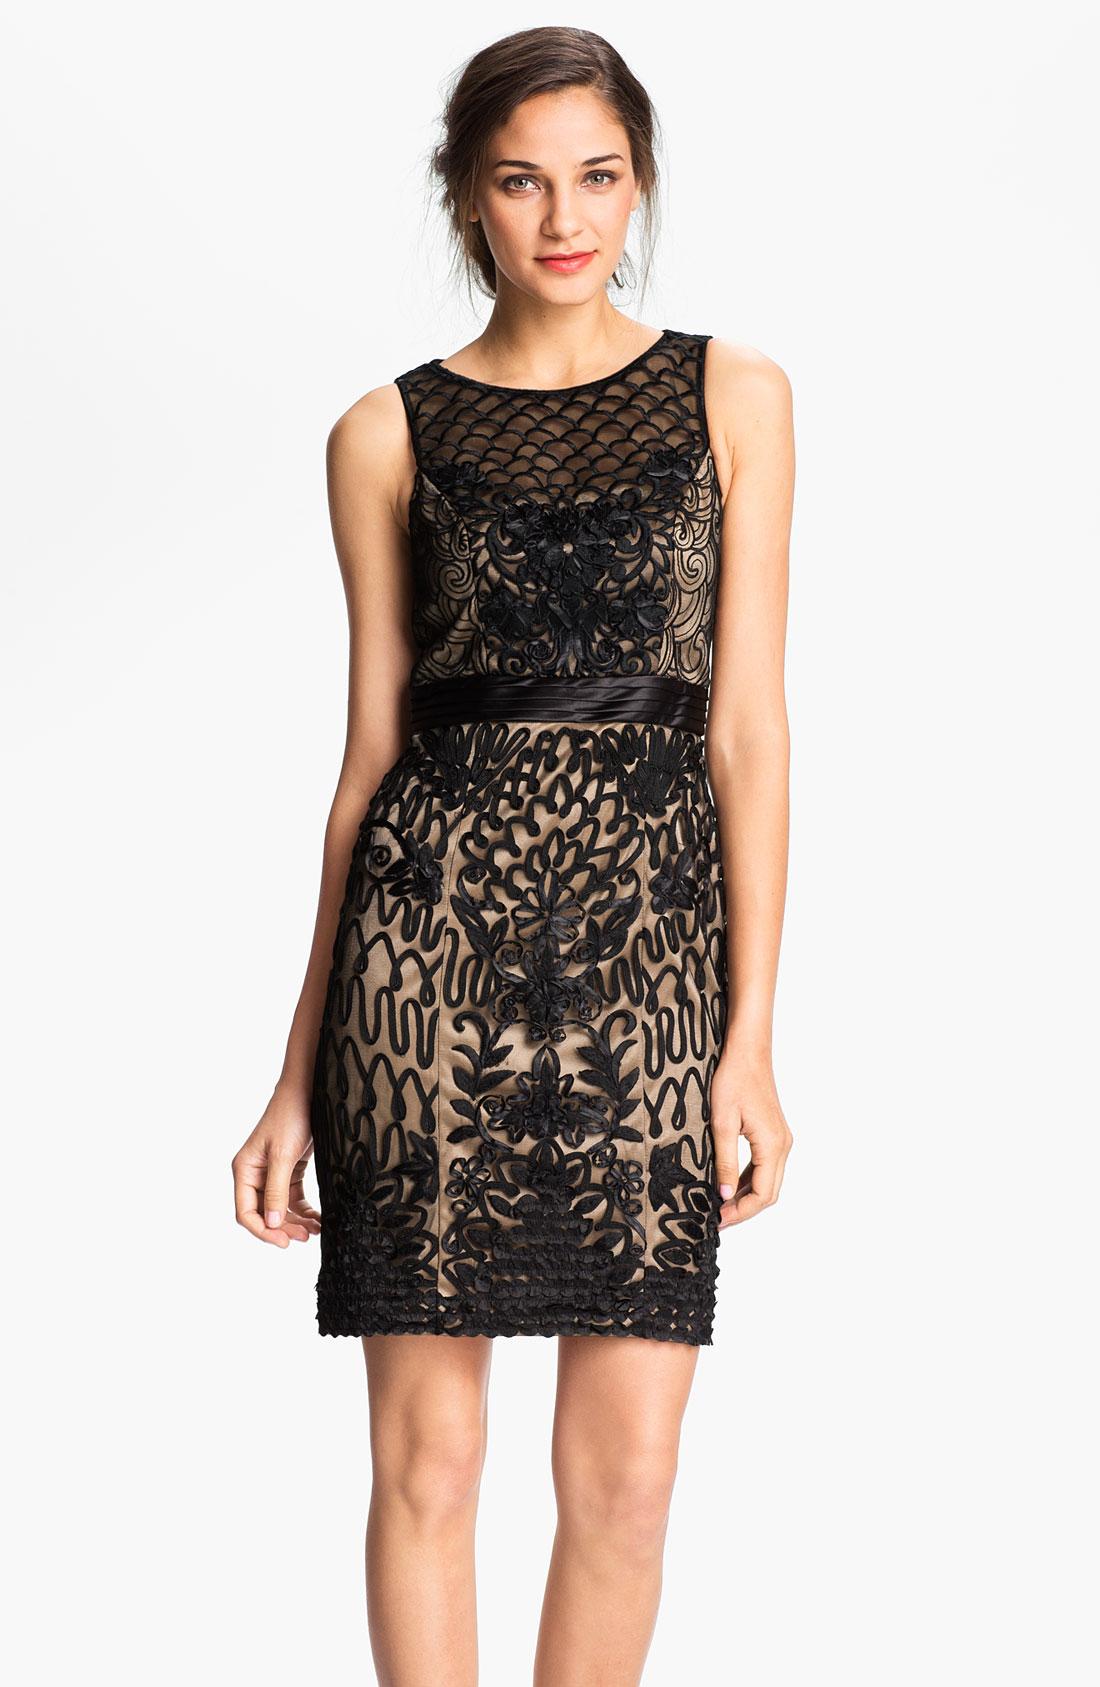 Sue Wong Black Cocktail Dresses  Dress images